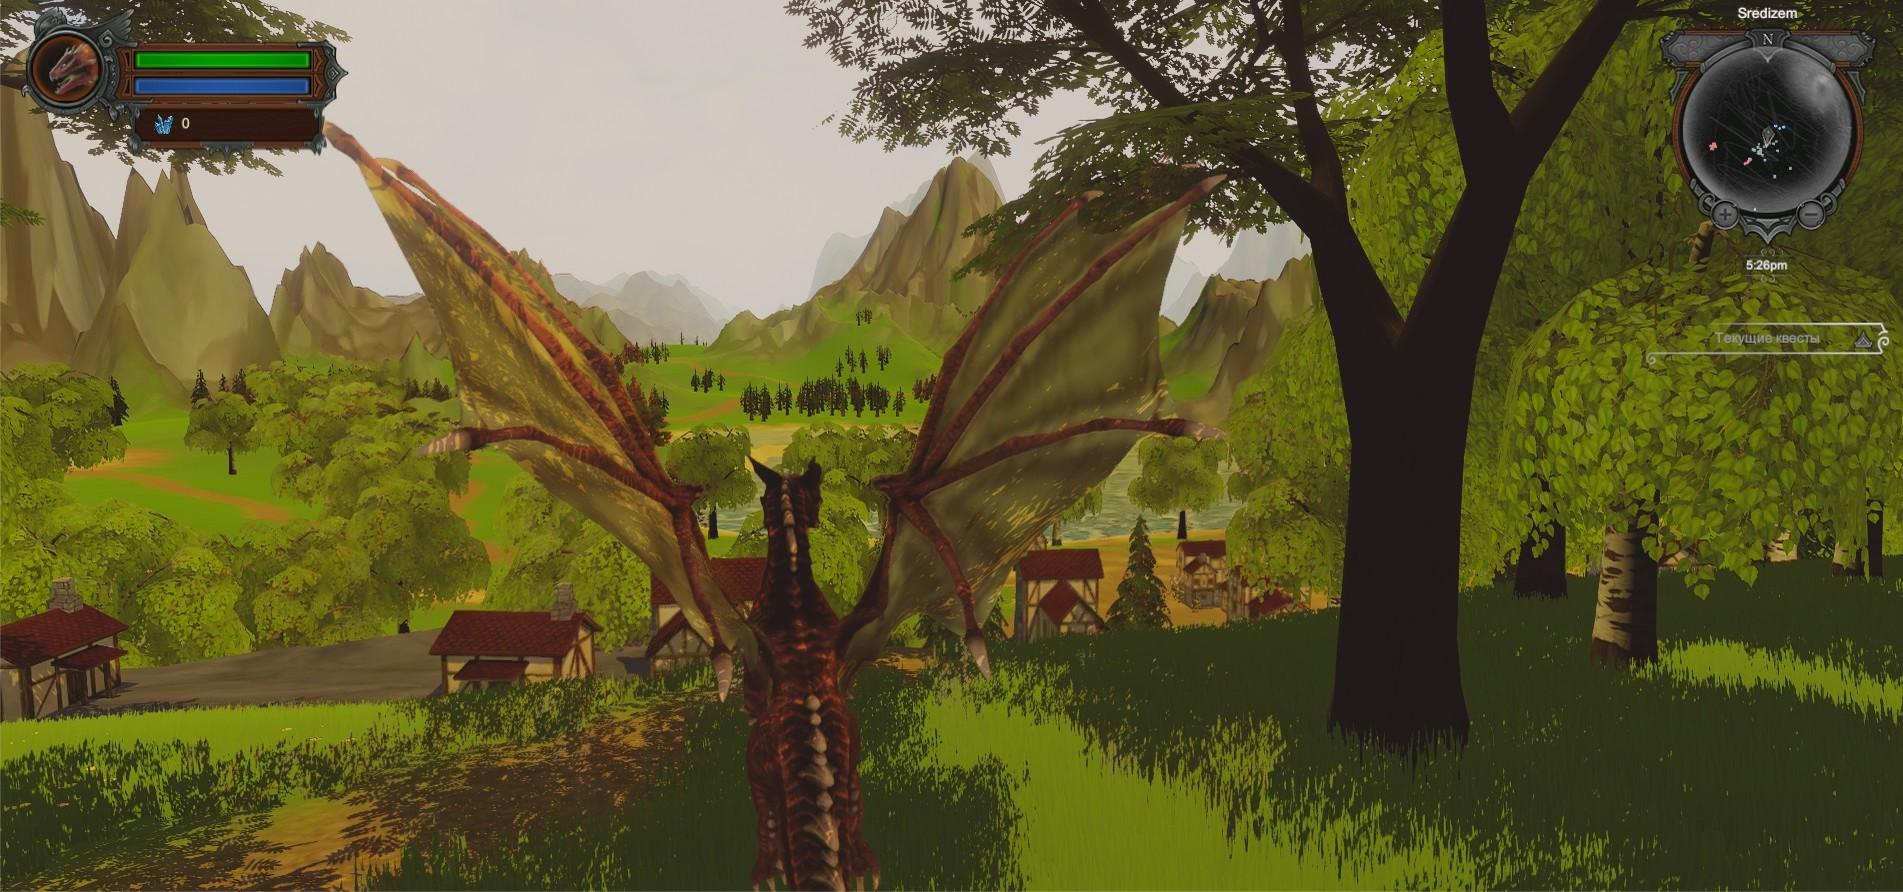 埃尔马里奥:巨龙时代图片